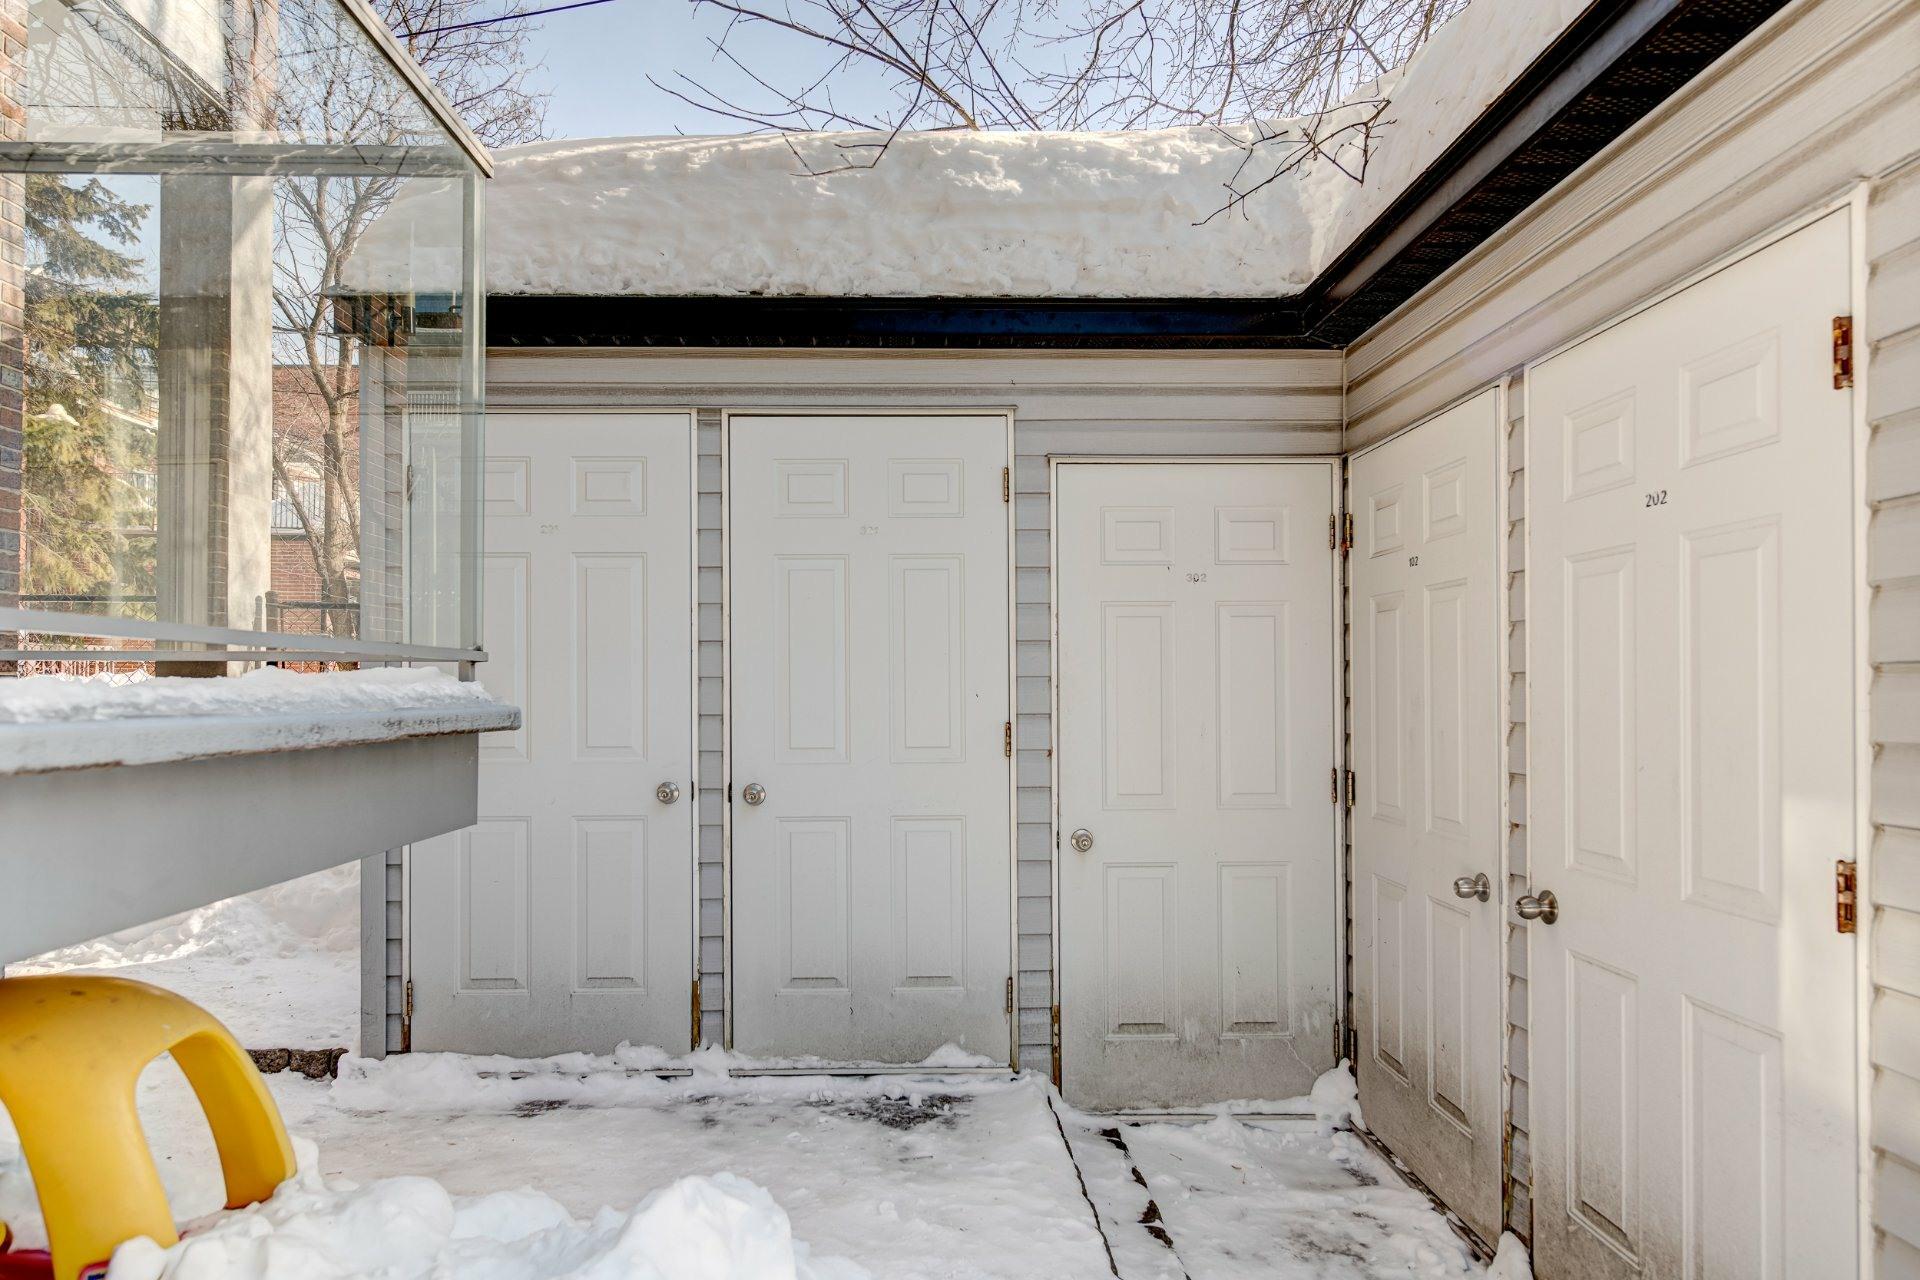 image 31 - Appartement À vendre Rosemont/La Petite-Patrie Montréal  - 6 pièces